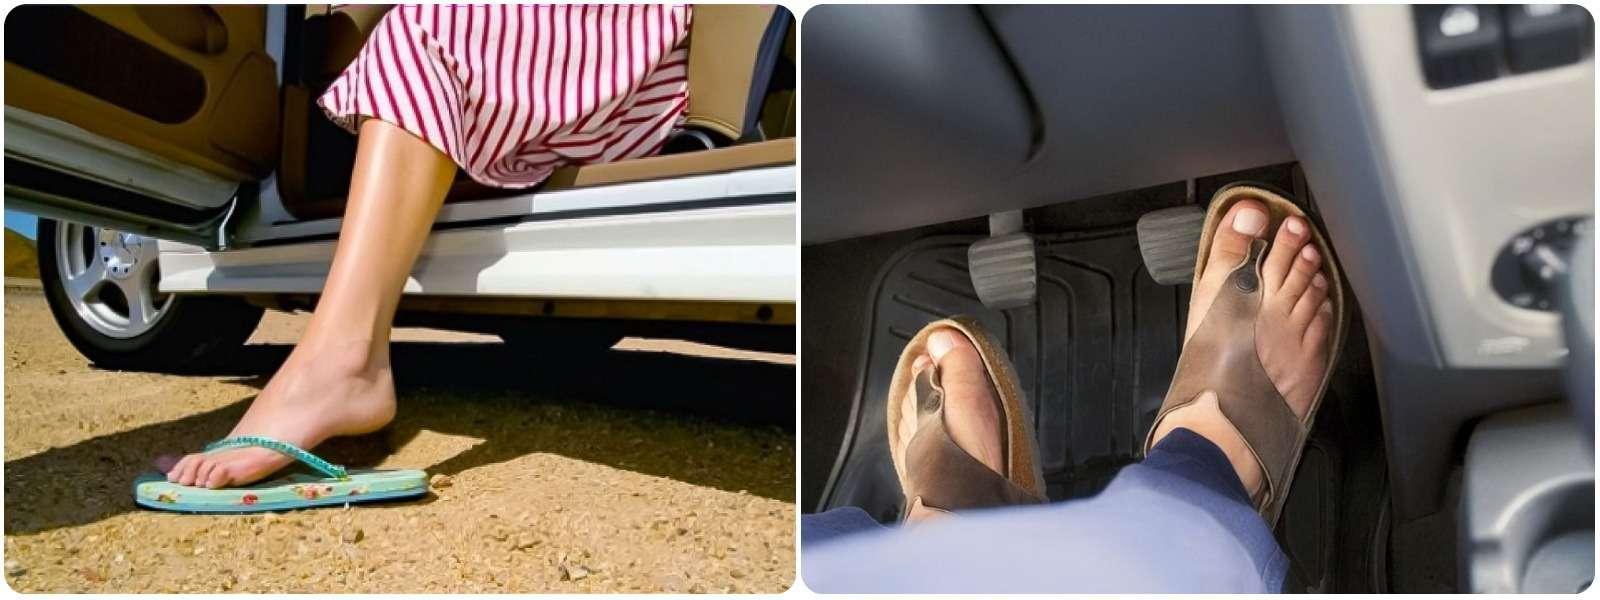 Каксократить тормозной путь? Носить правильную обувь!— фото 771476